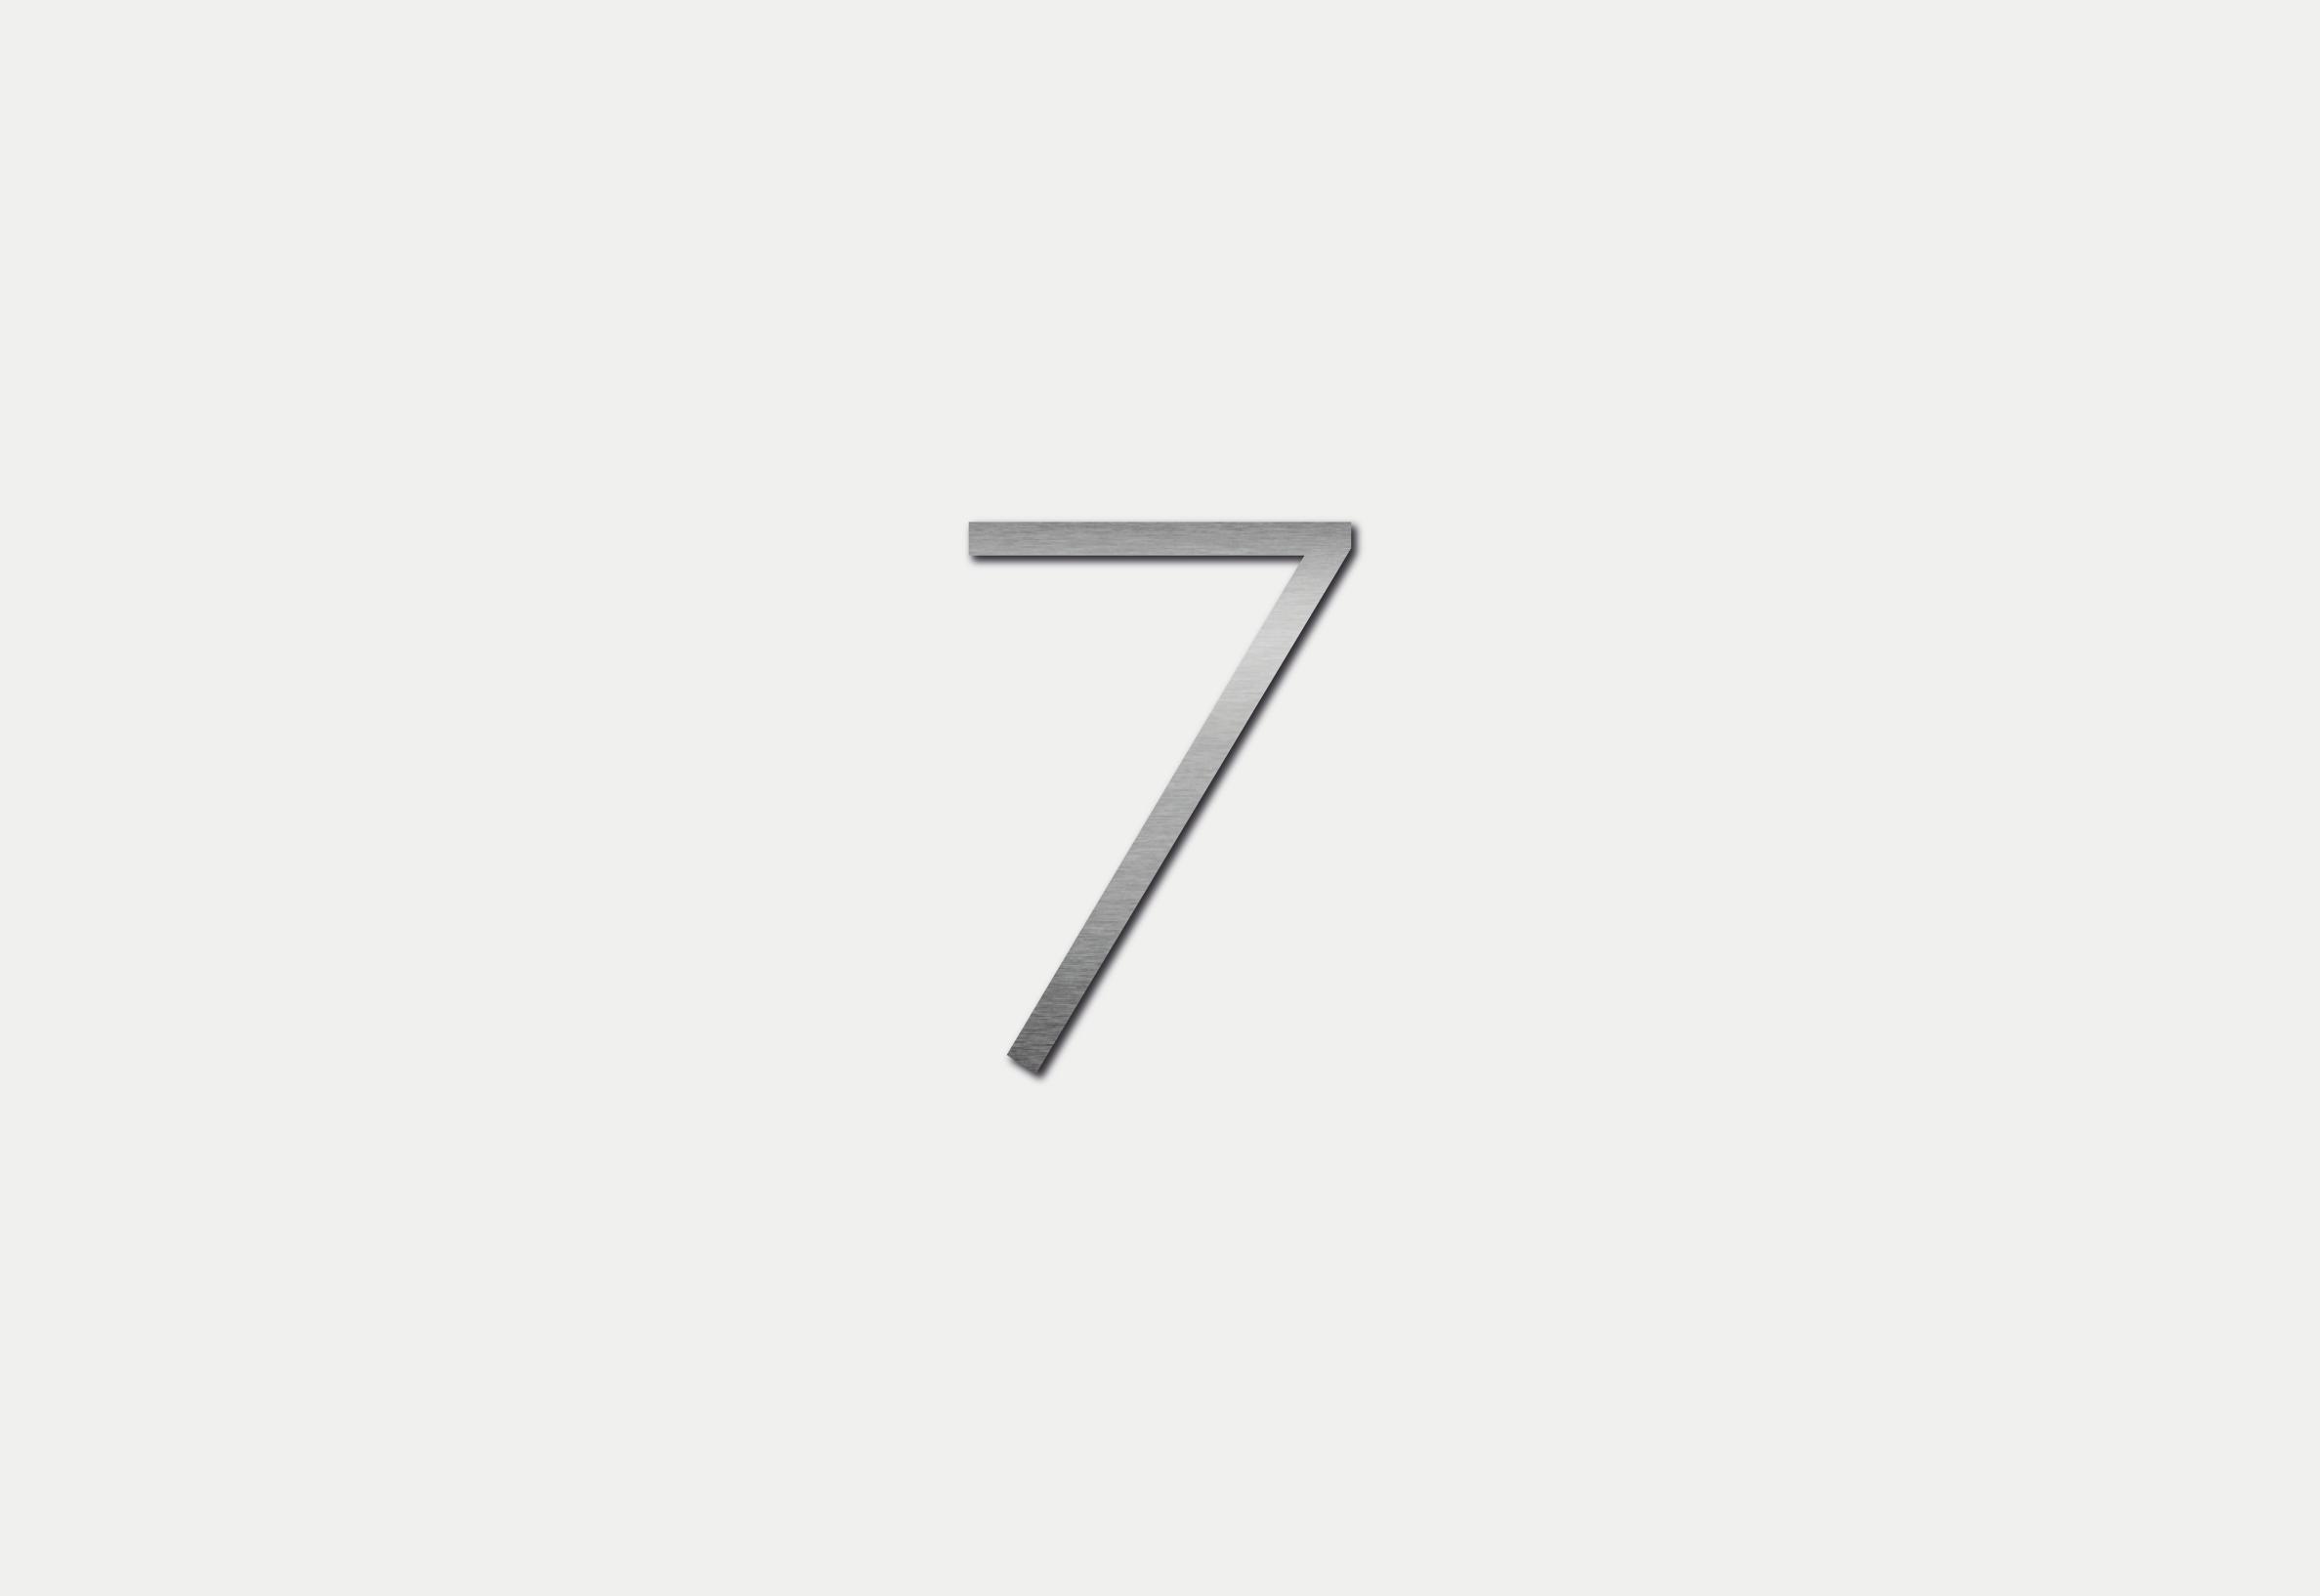 Número 7 em ACM